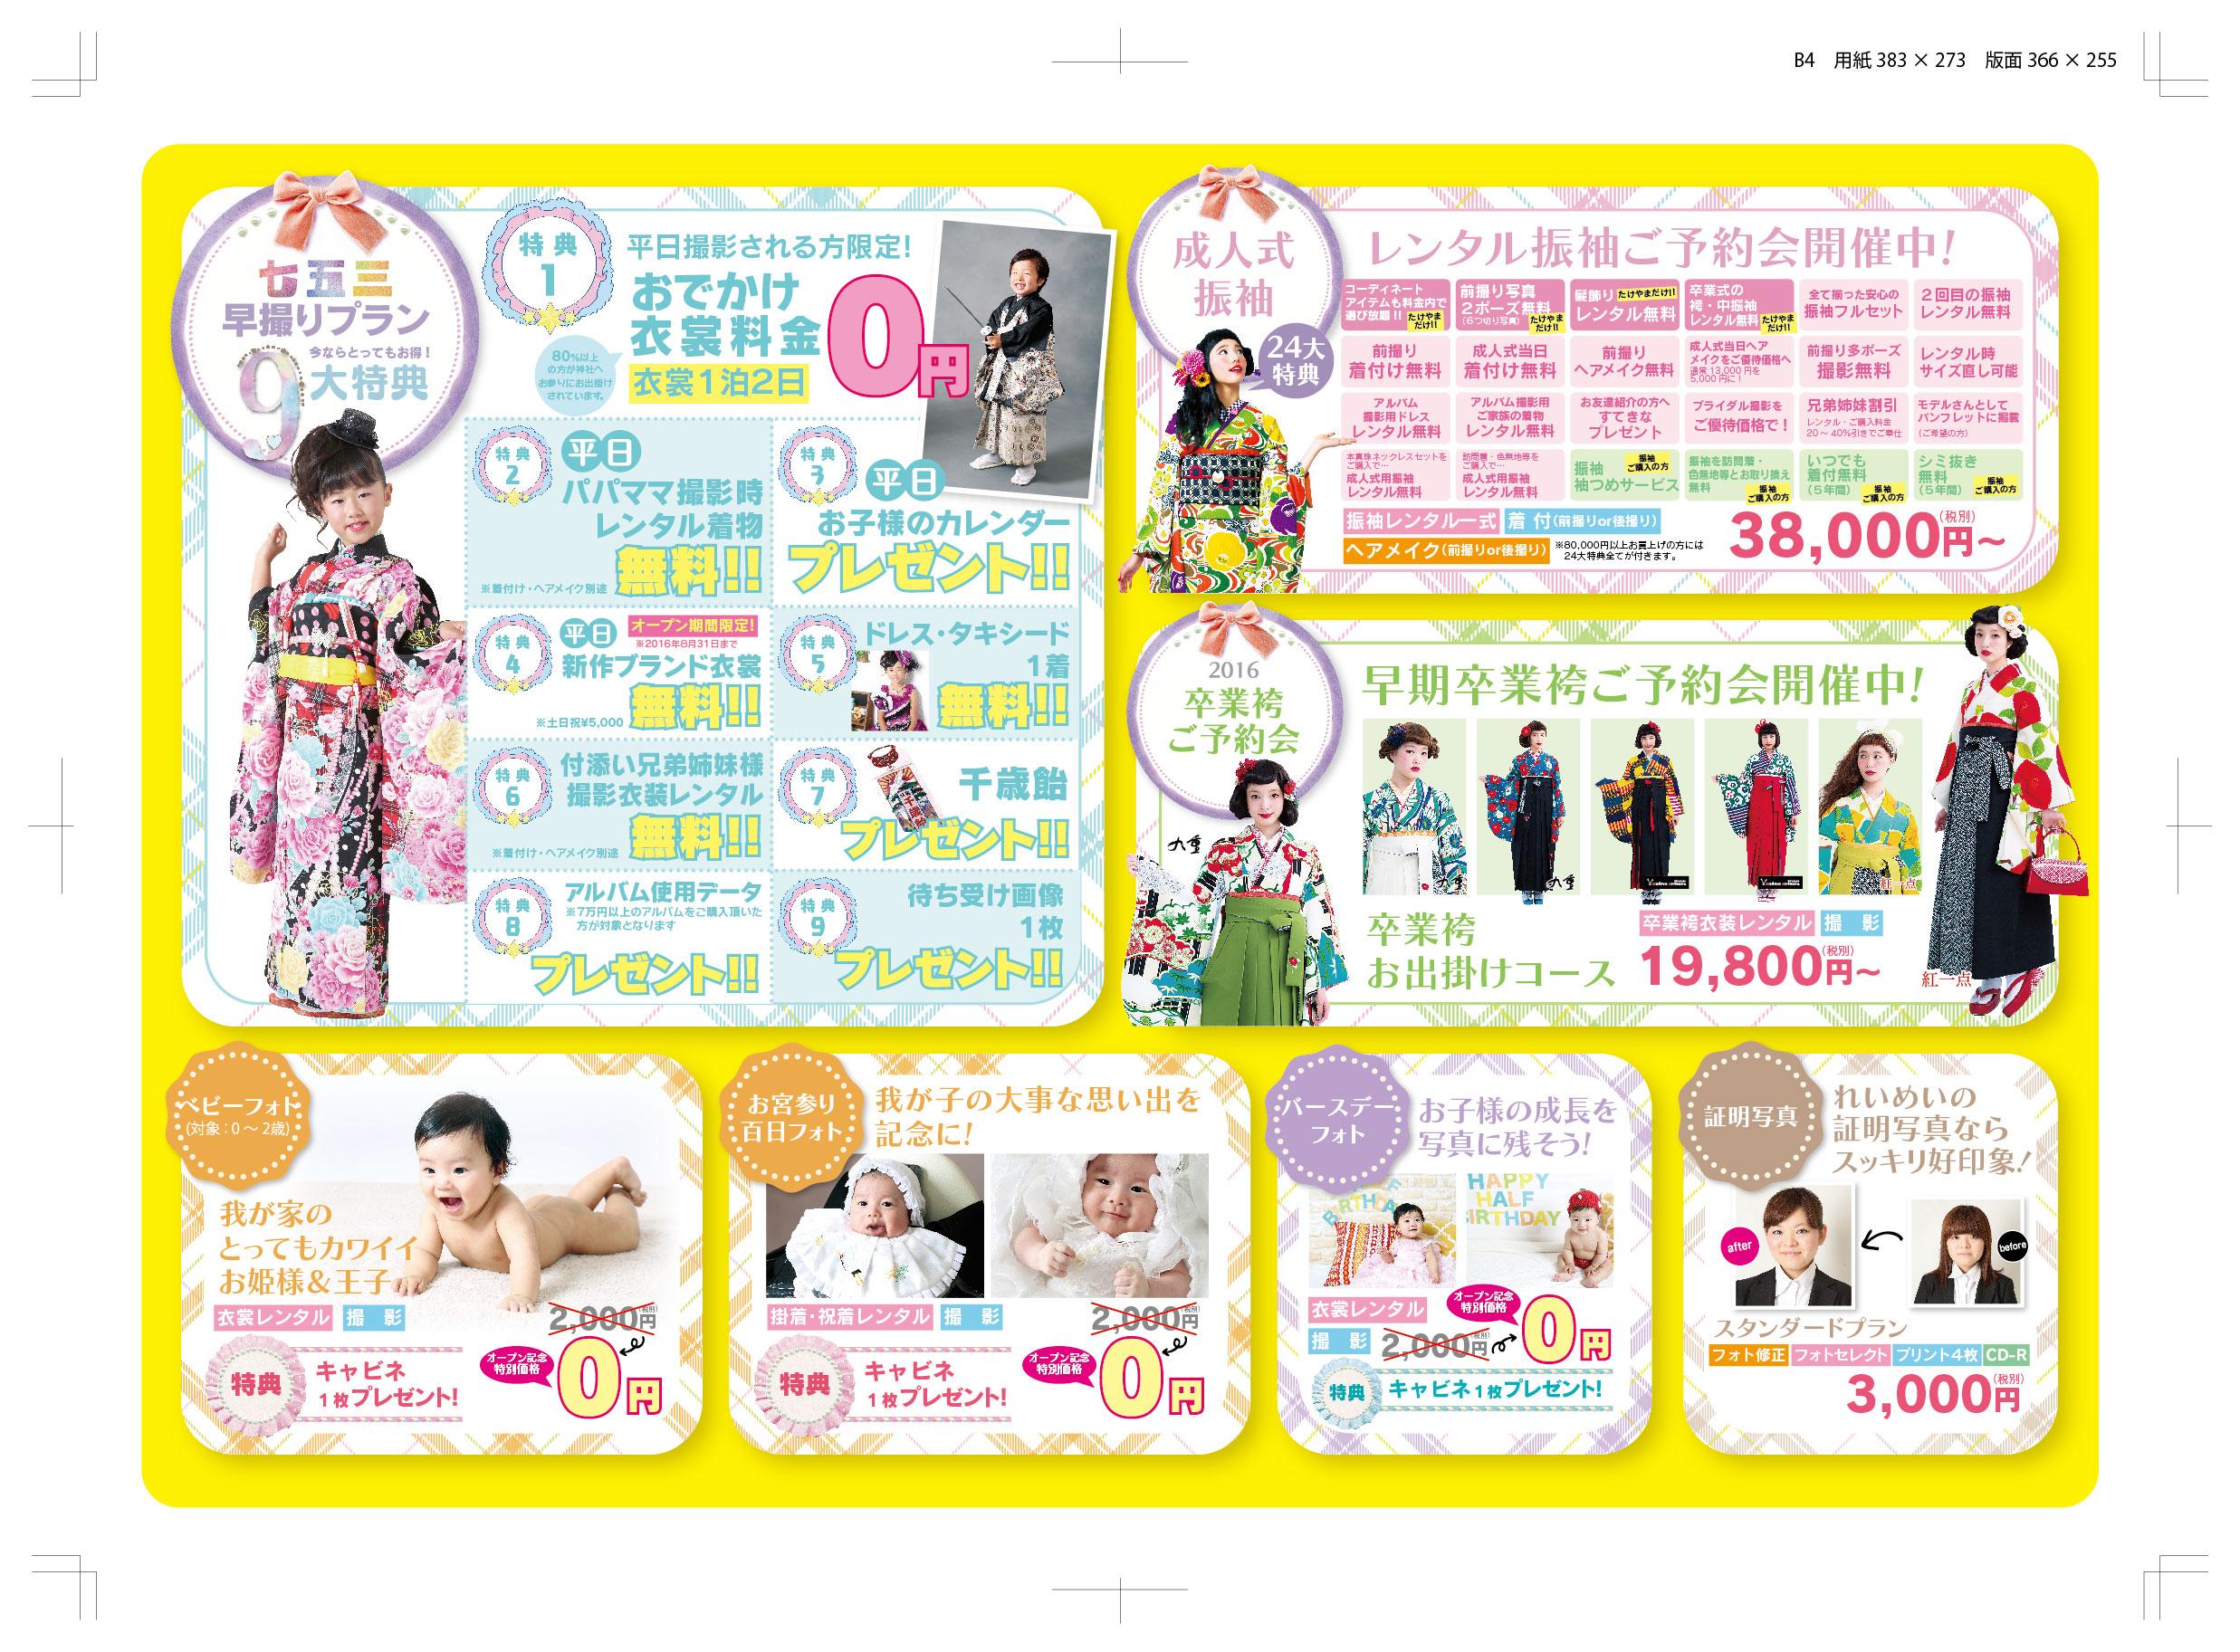 スタジオれいめい2016年7月〜8月のお知らせ